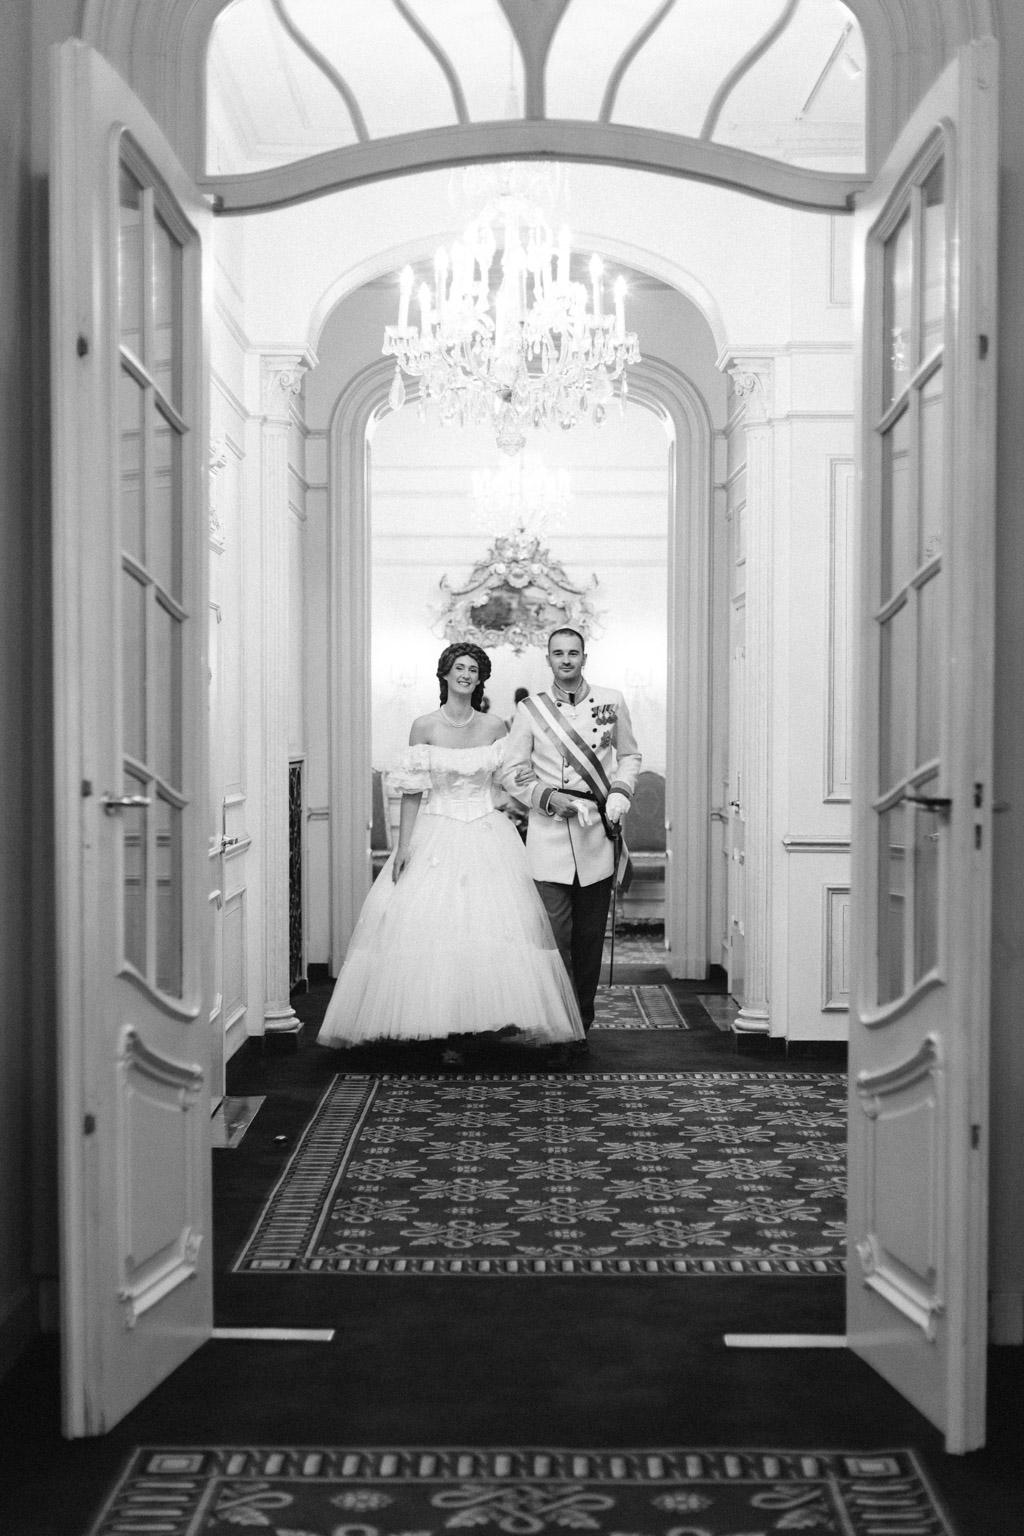 surprise-birthday-wedding-anniversary-themed-shooting-hotel-imperial-schloss-belvedere-vienna-austria-melanie-nedelko-photography-sissi-franz (21).JPG